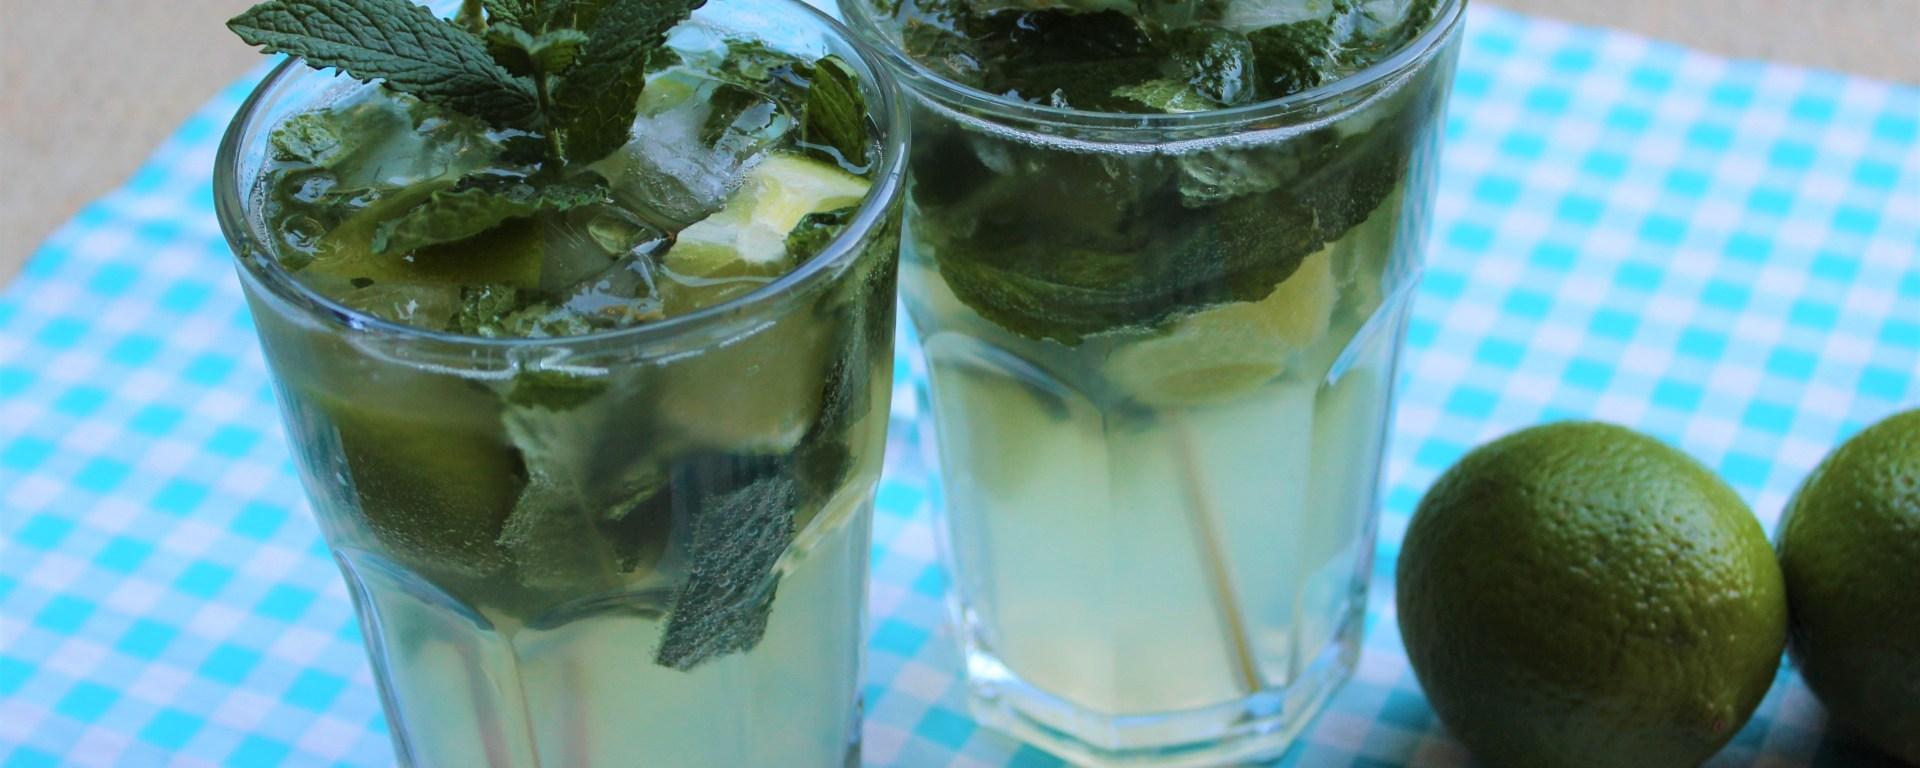 Délicimô ! - Recette Cocktail Mojito Cubain : Citron, Menthe Fraîche, Rhum - www.delicimo.fr